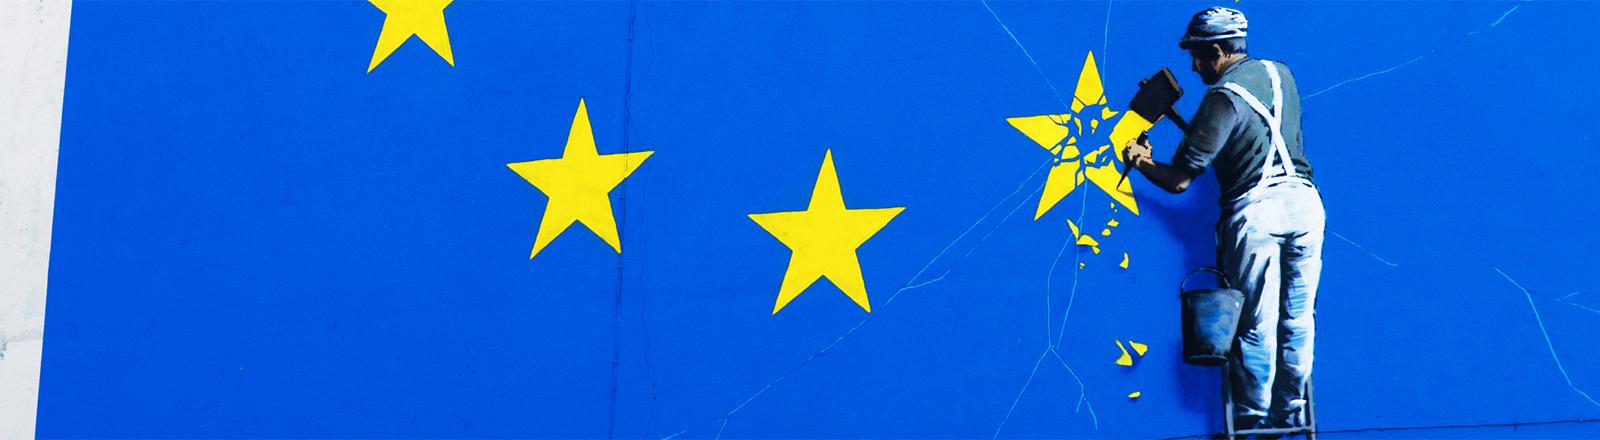 Streetart: Mann demoliert einen Stern der Europaflagge.